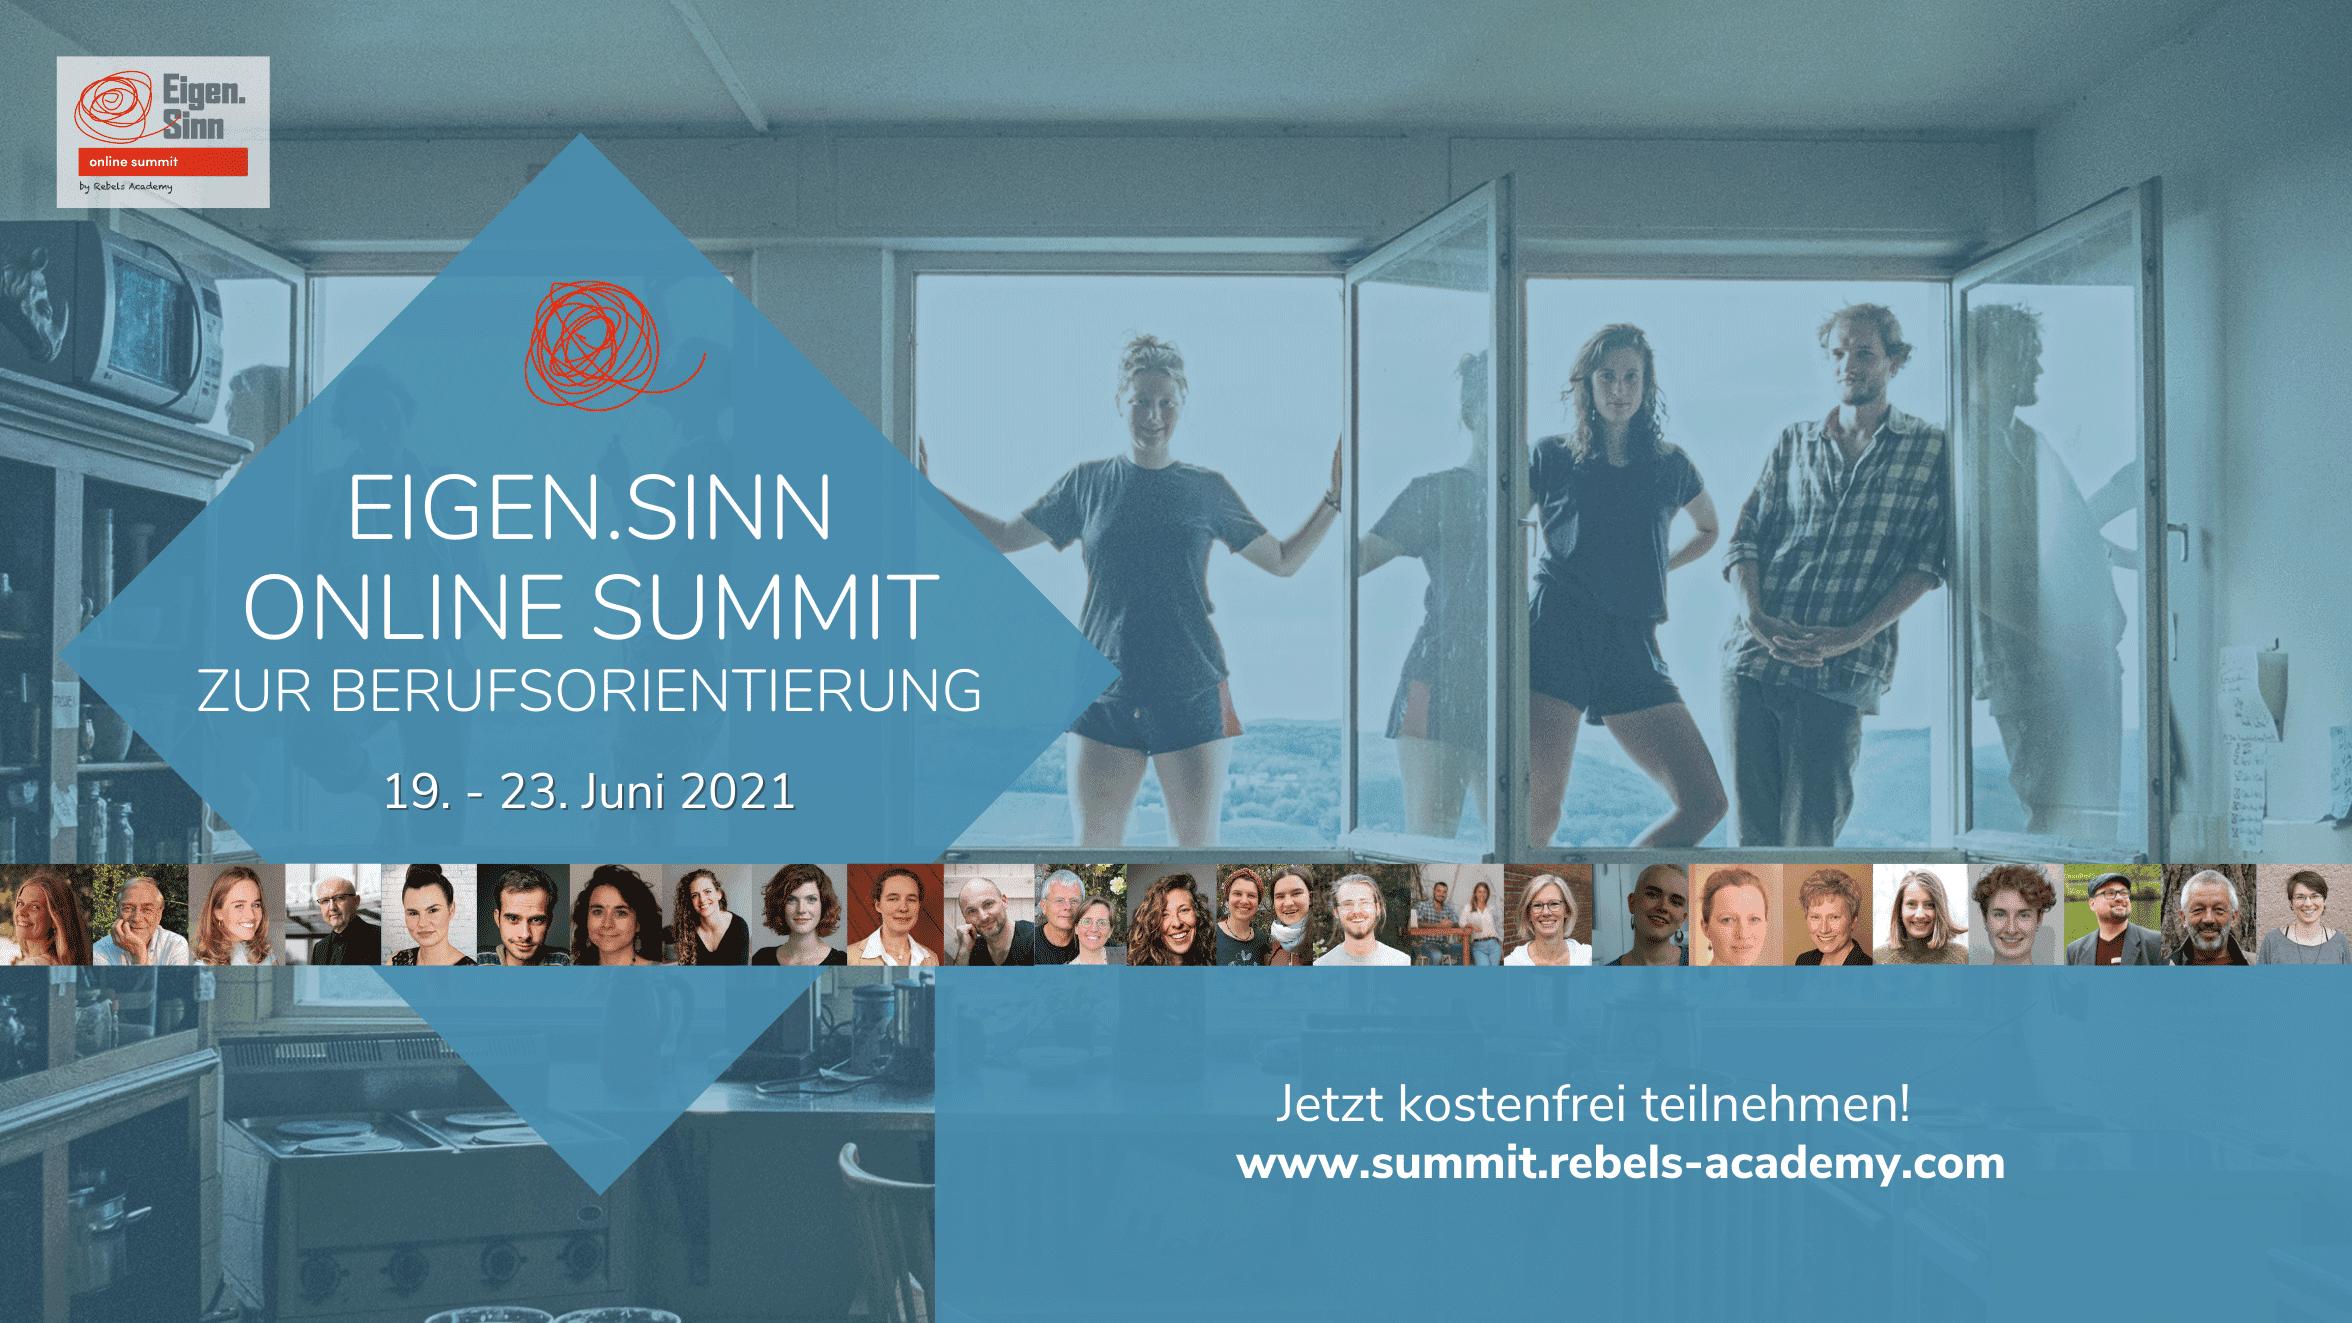 Eigen.Sinn Online-Summit 2021 zur Berufsorientierung